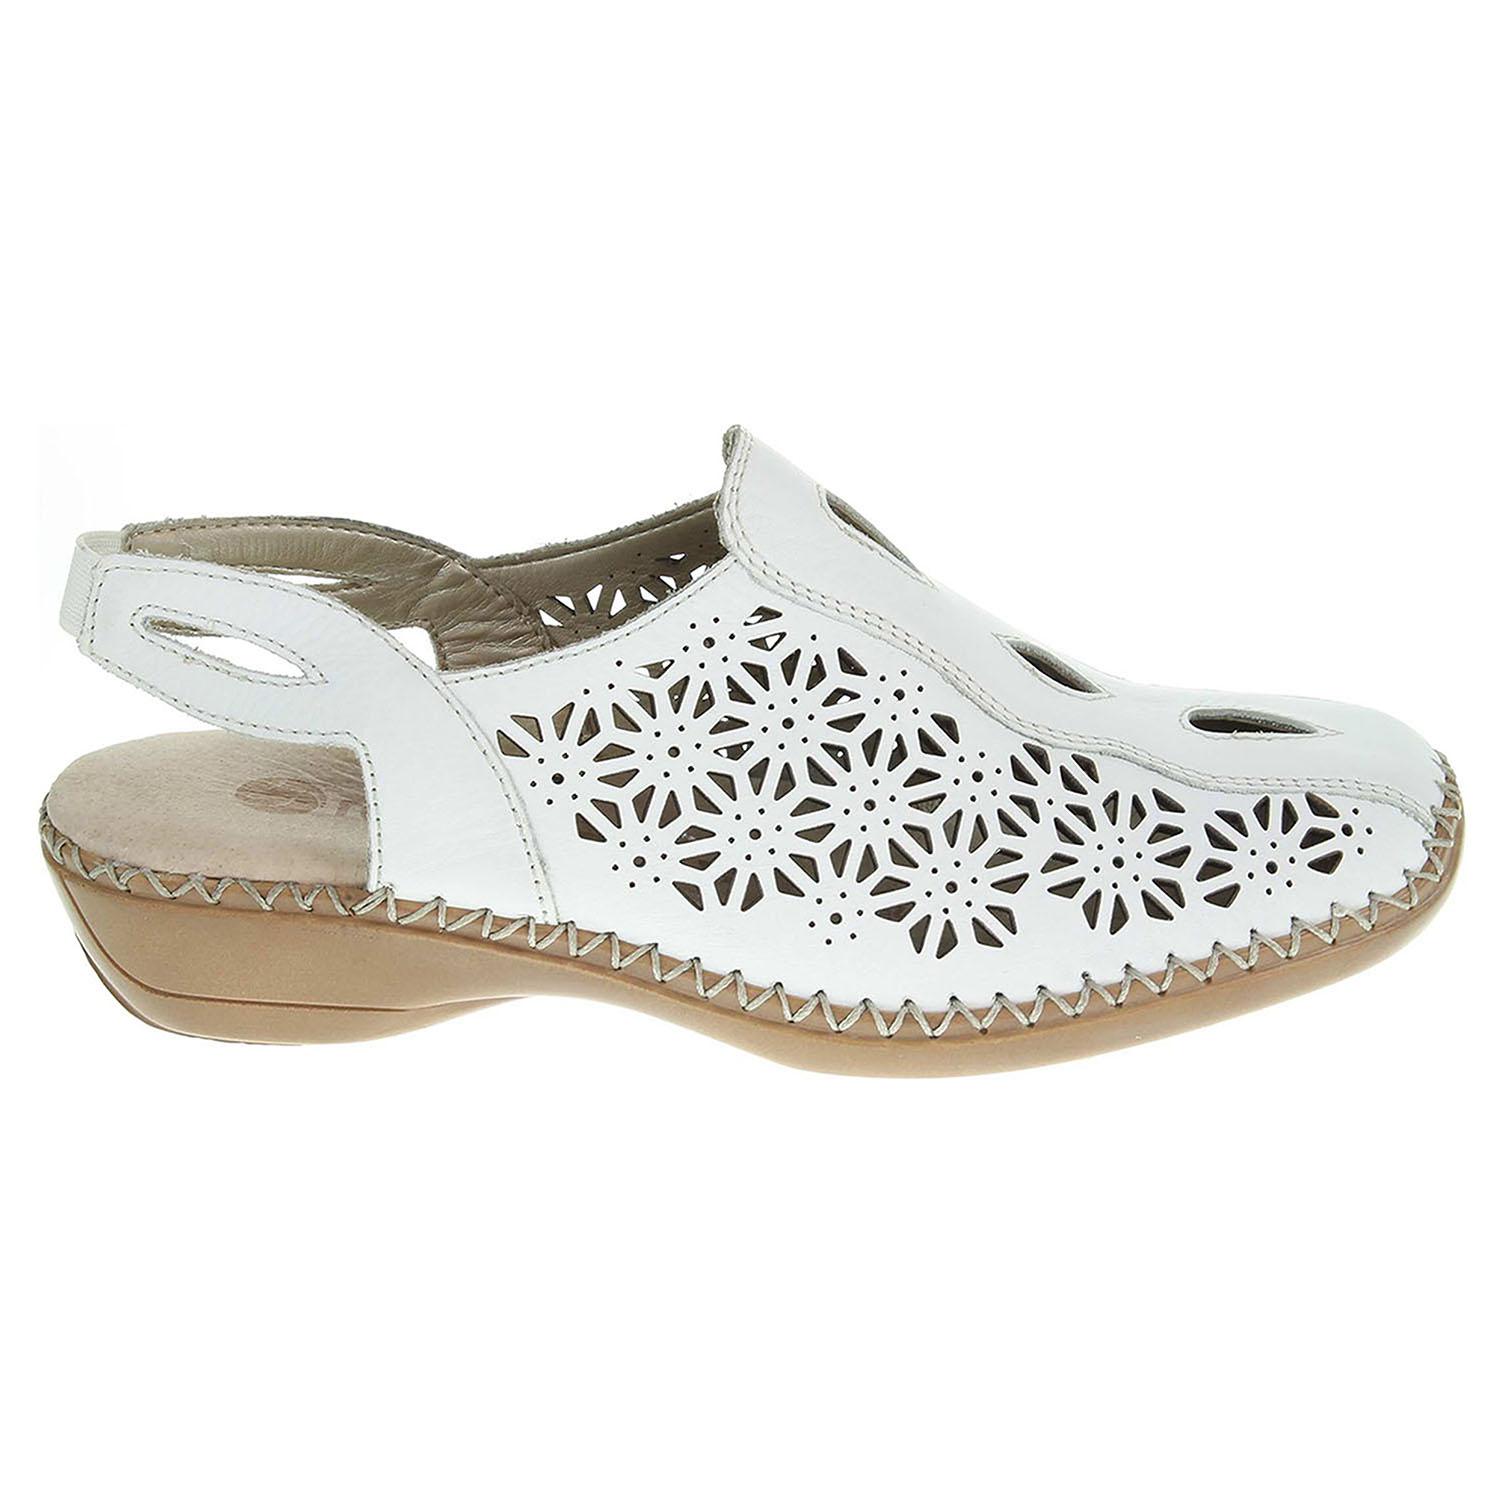 Remonte dámské sandály D1626-80 bílé 38